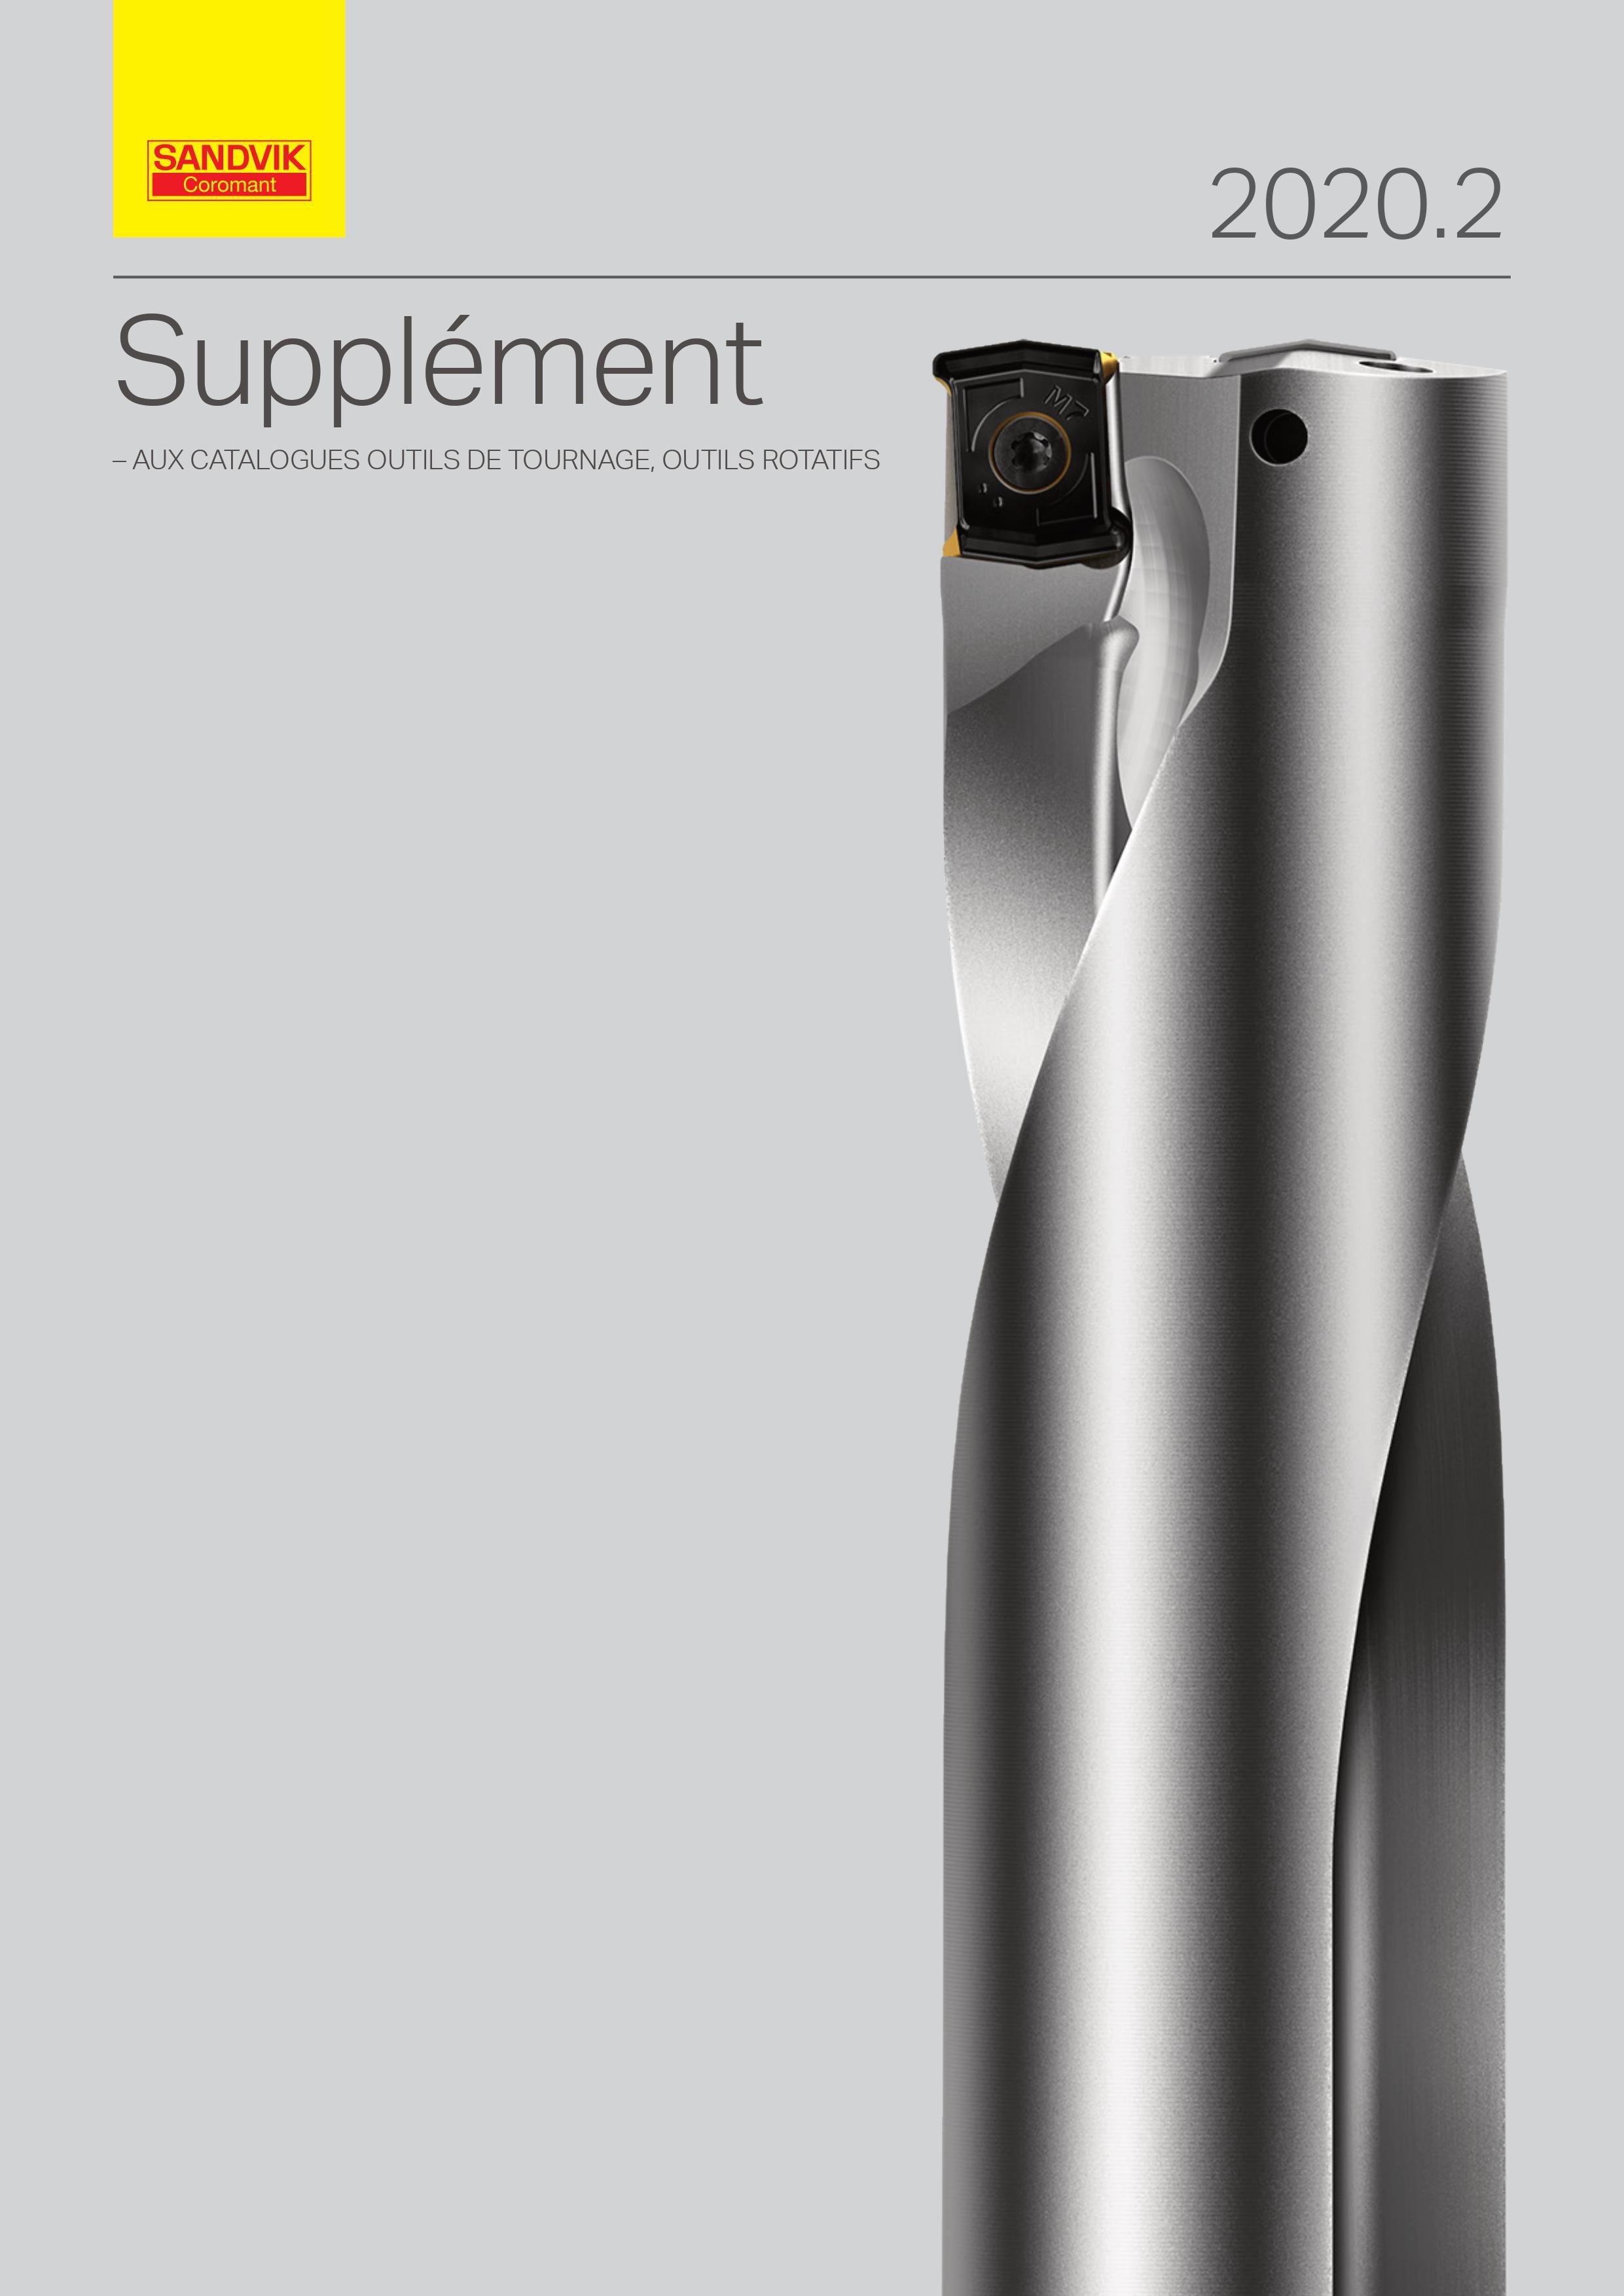 Nouveaux produits - Outils Sandvik Coromant - métaux, outillages, lubrifiant, filtres à air pour le décolletage à Scionzier Haute-Savoie